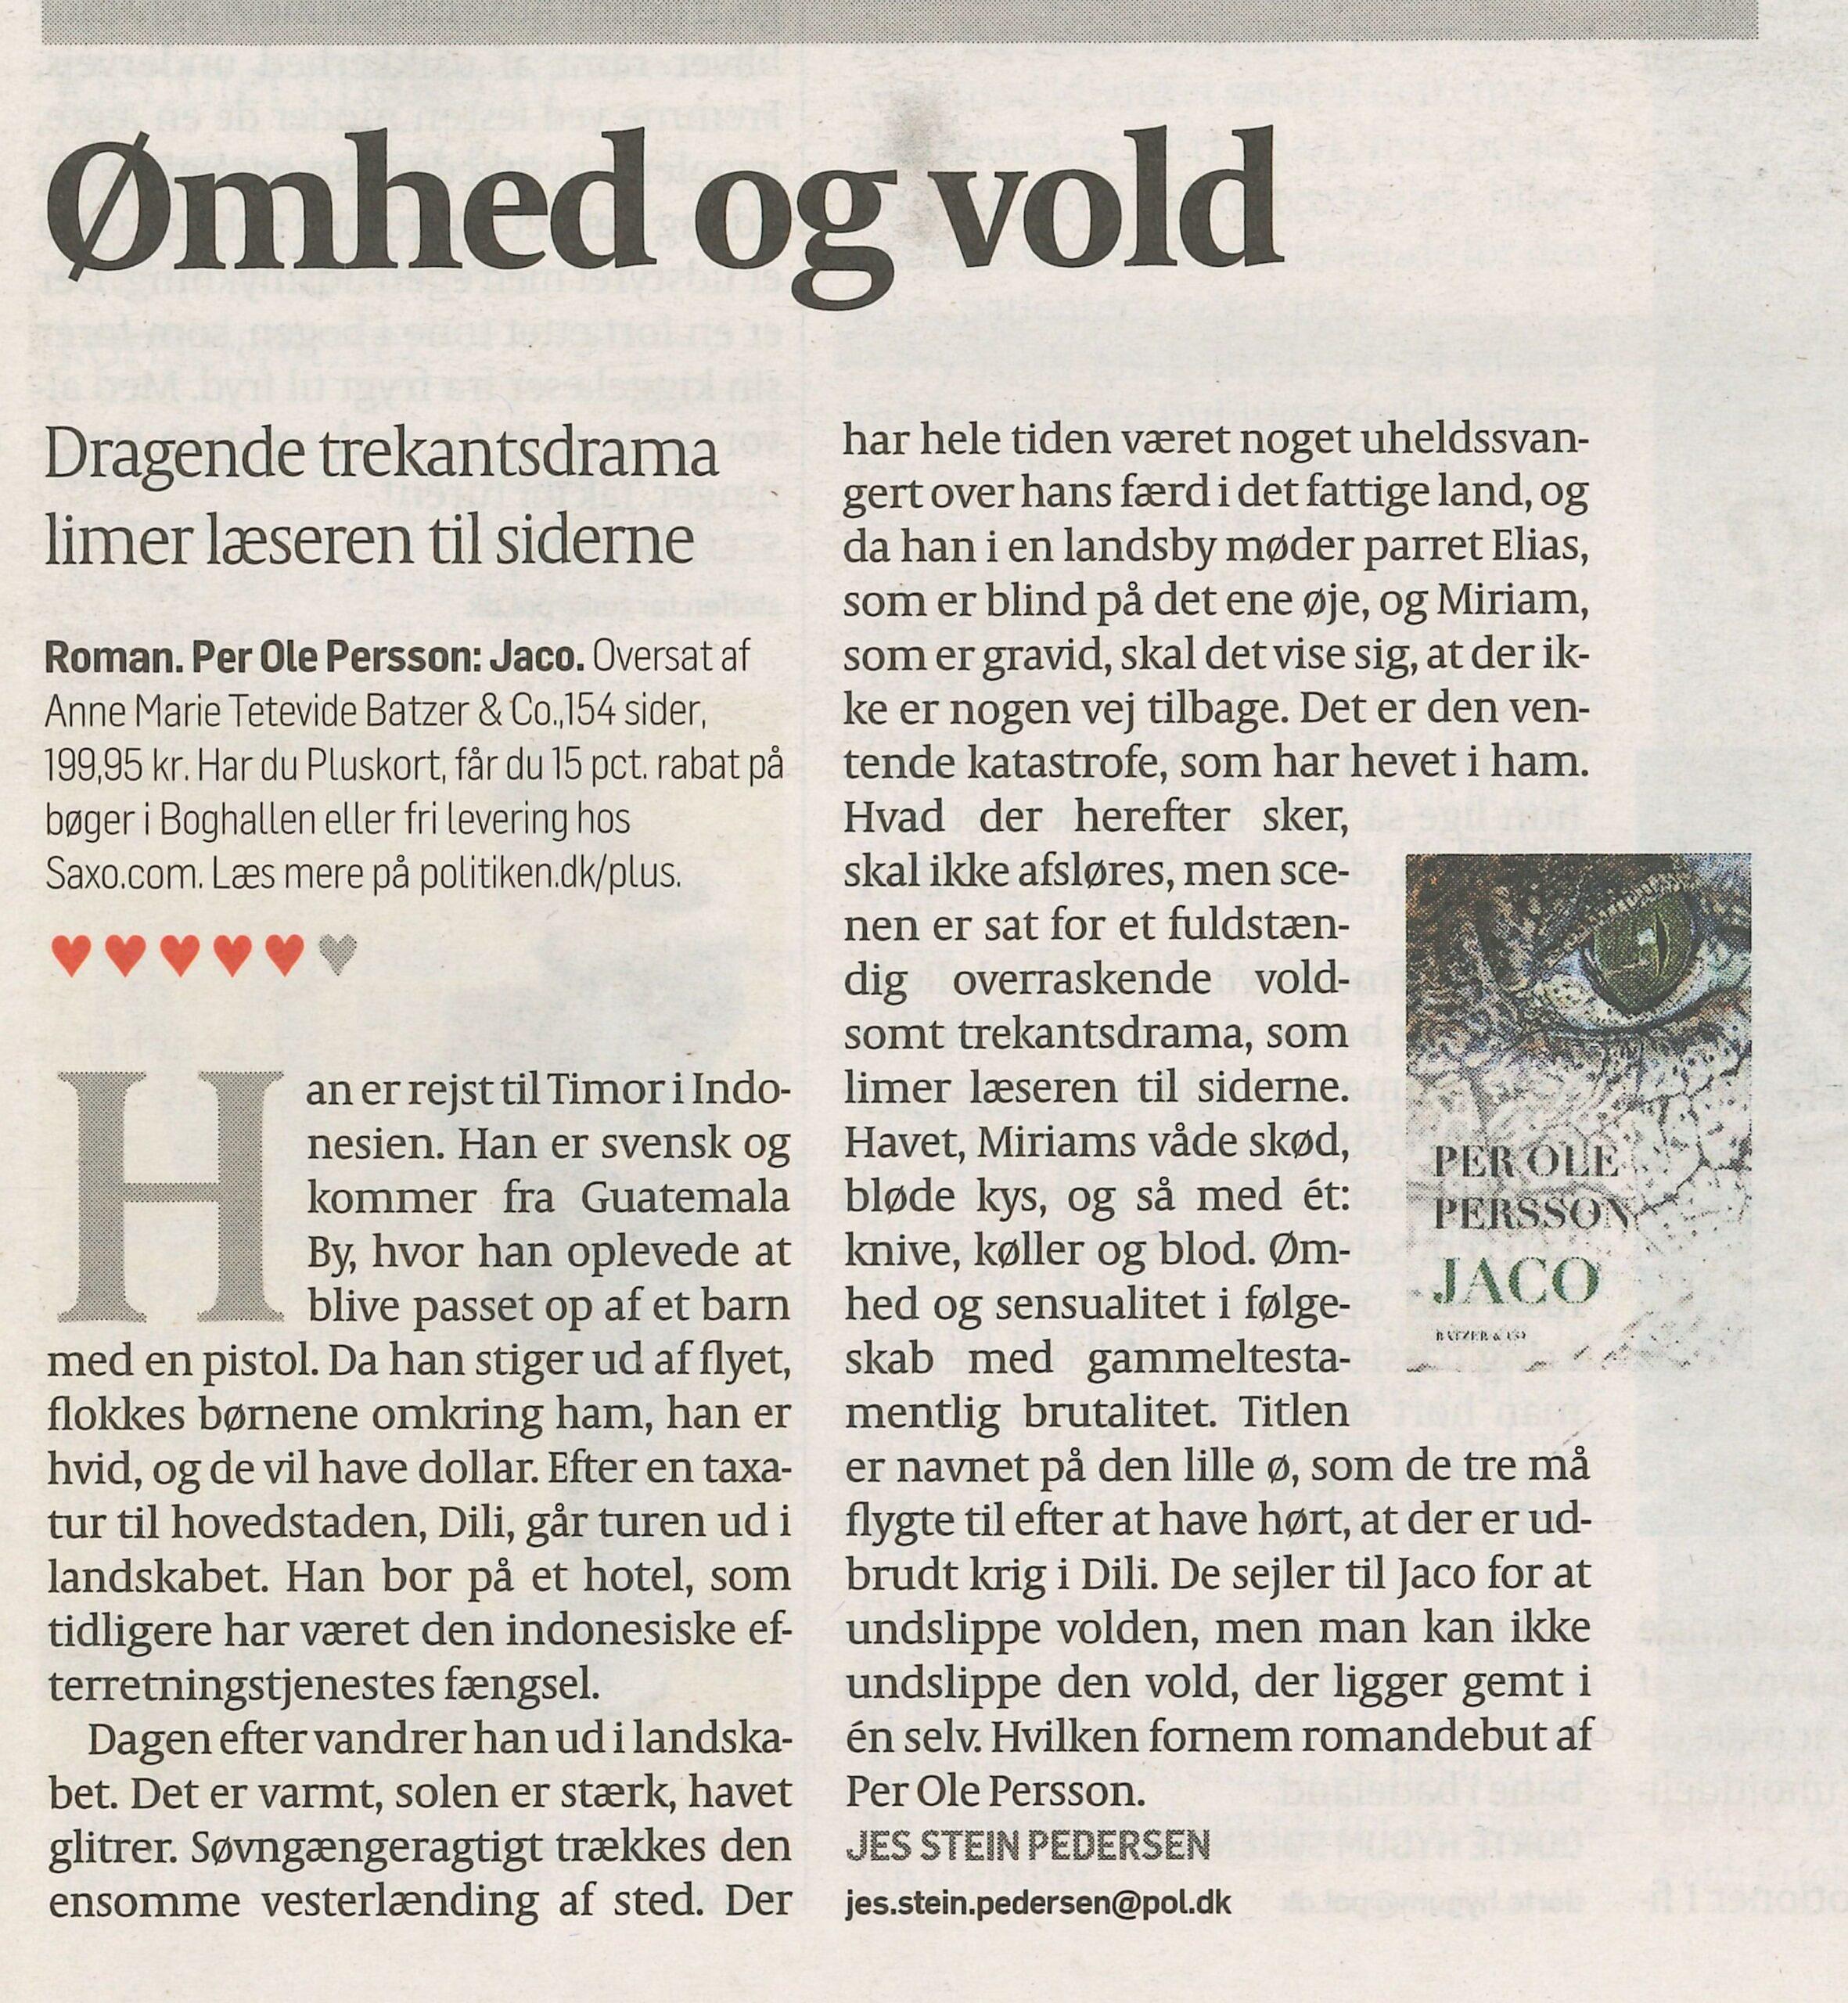 Recension av Per Ole Perssons bok Jaco i Politiken